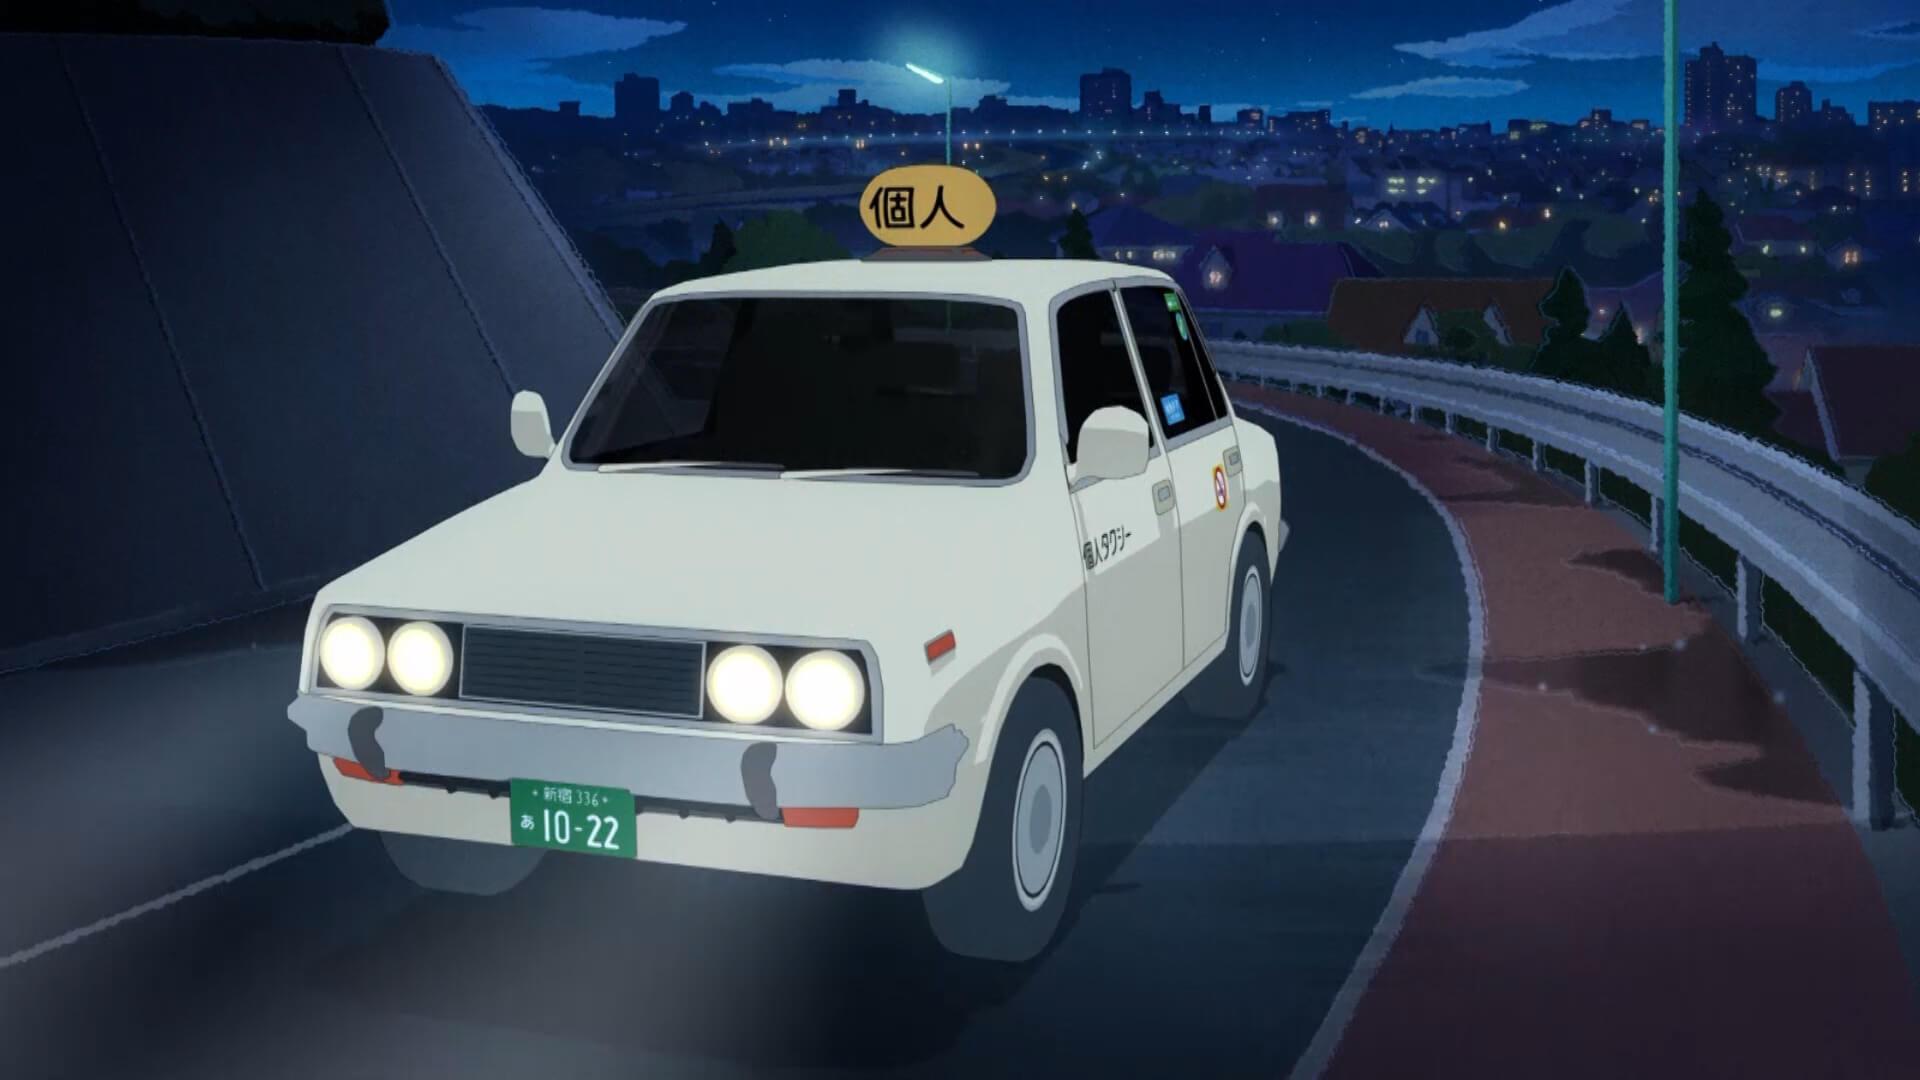 劇伴も話題のTVアニメ『オッドタクシー』がついに本日放送スタート!Amazonプライムビデオでの配信も明日開始 art210405_oddtaxi_3